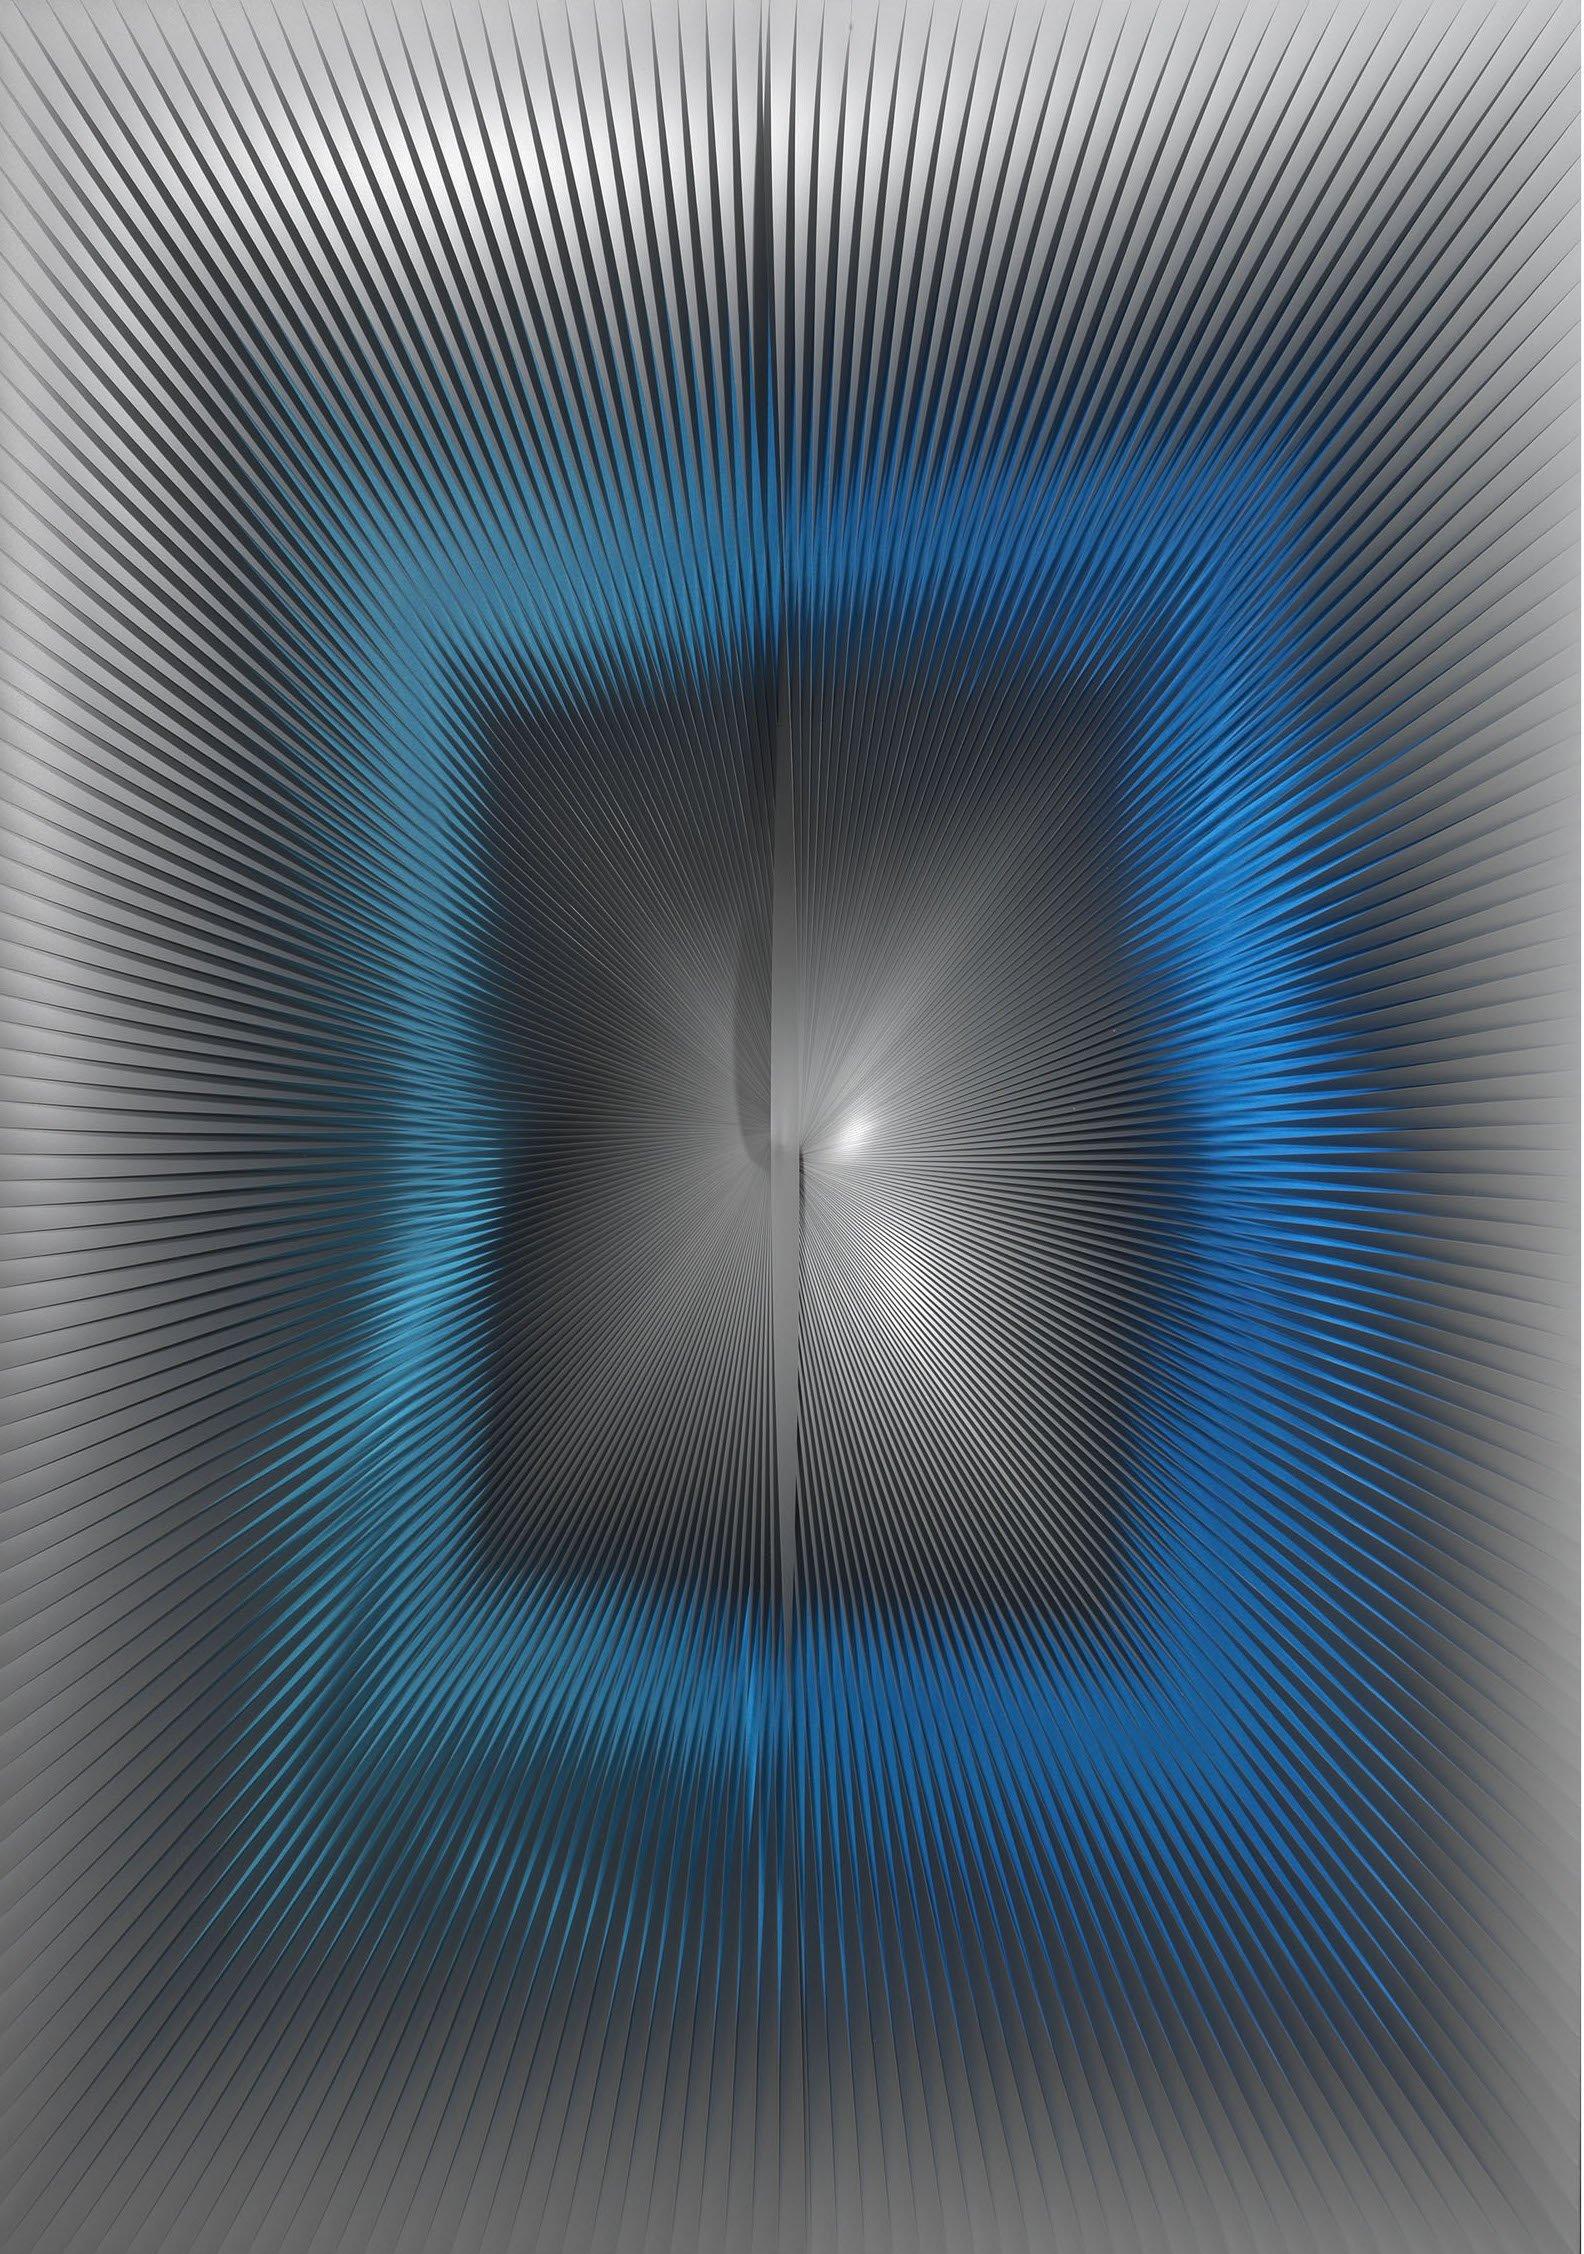 Biasi, Dinamica senza nome, 2011, 130x90 cm